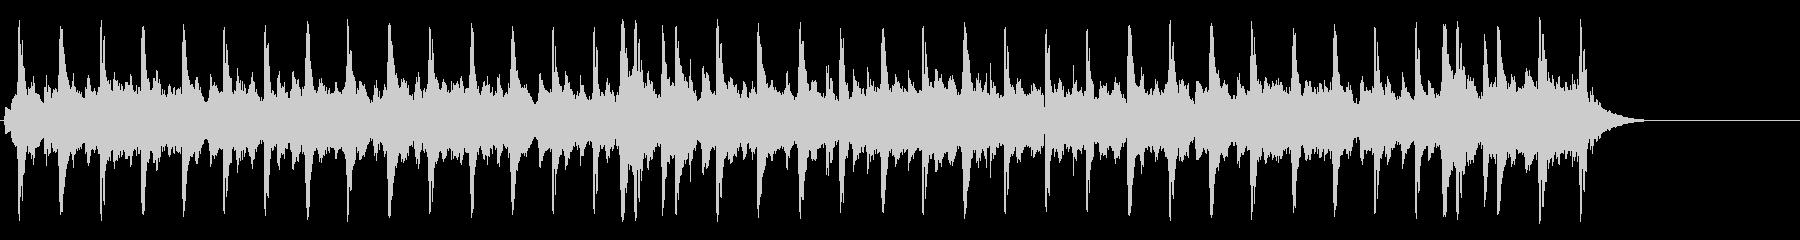 懐古的で温かいセミクラ(A~サビ~A)の未再生の波形